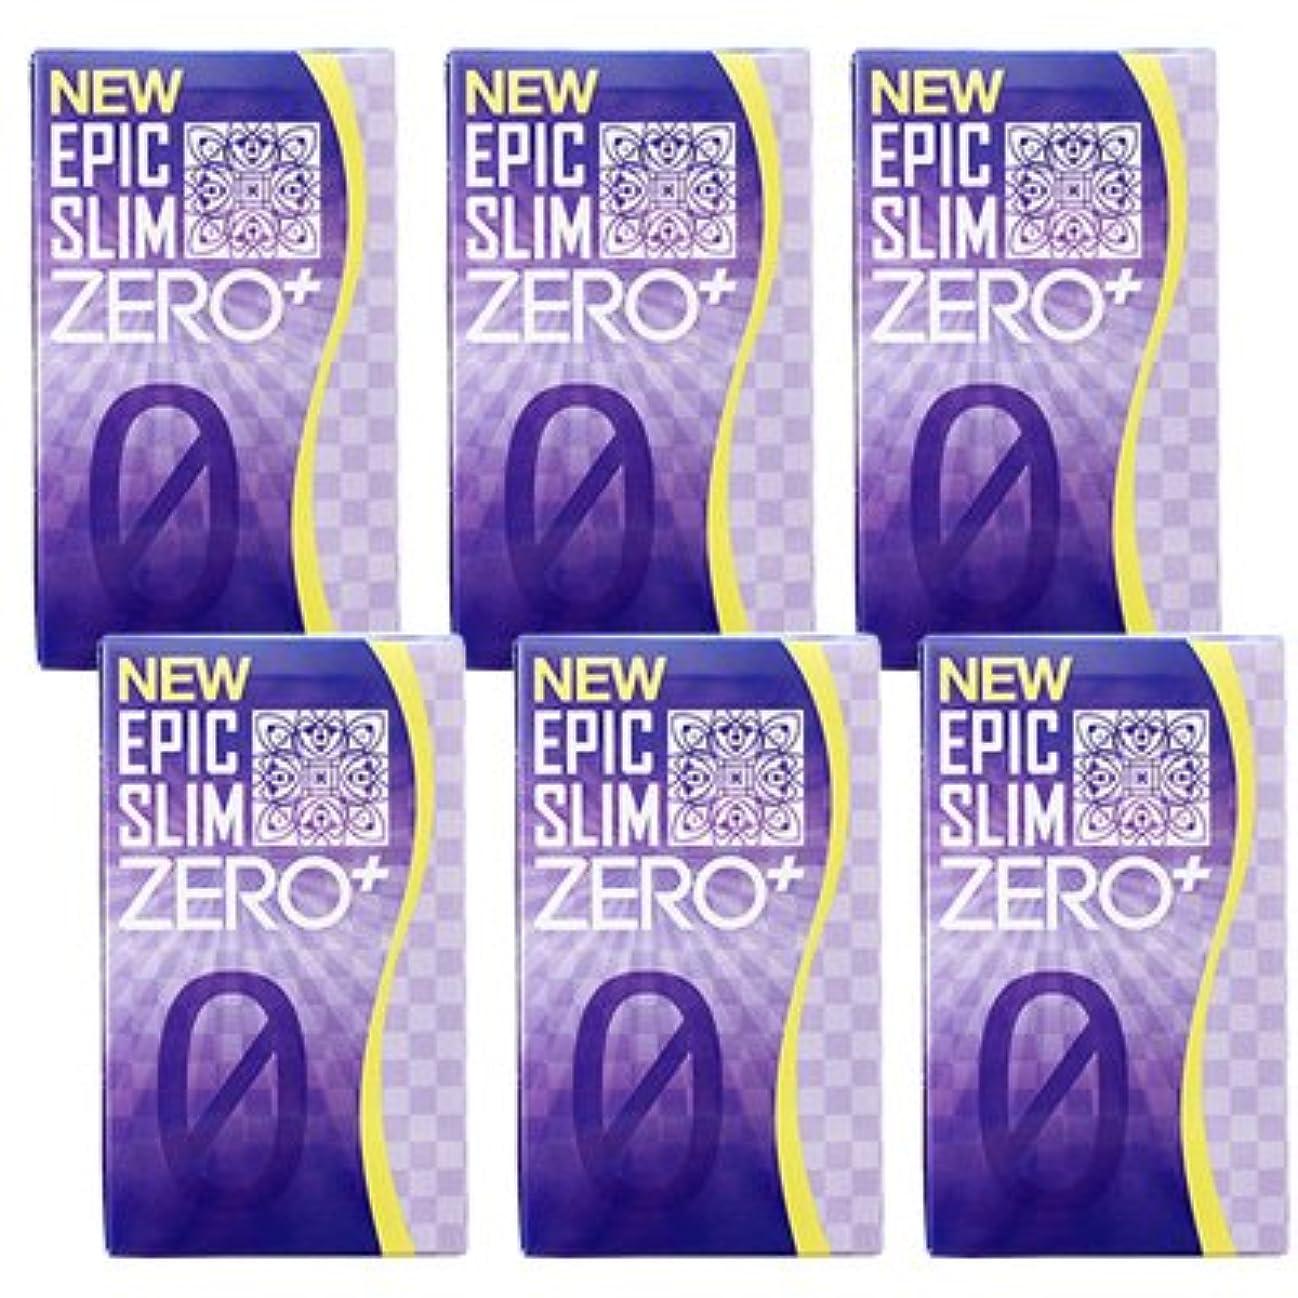 プレーヤー援助するチェスをするNEW エピックスリム ゼロ+ 6個セット NEW Epic Slim ZERO PLUS